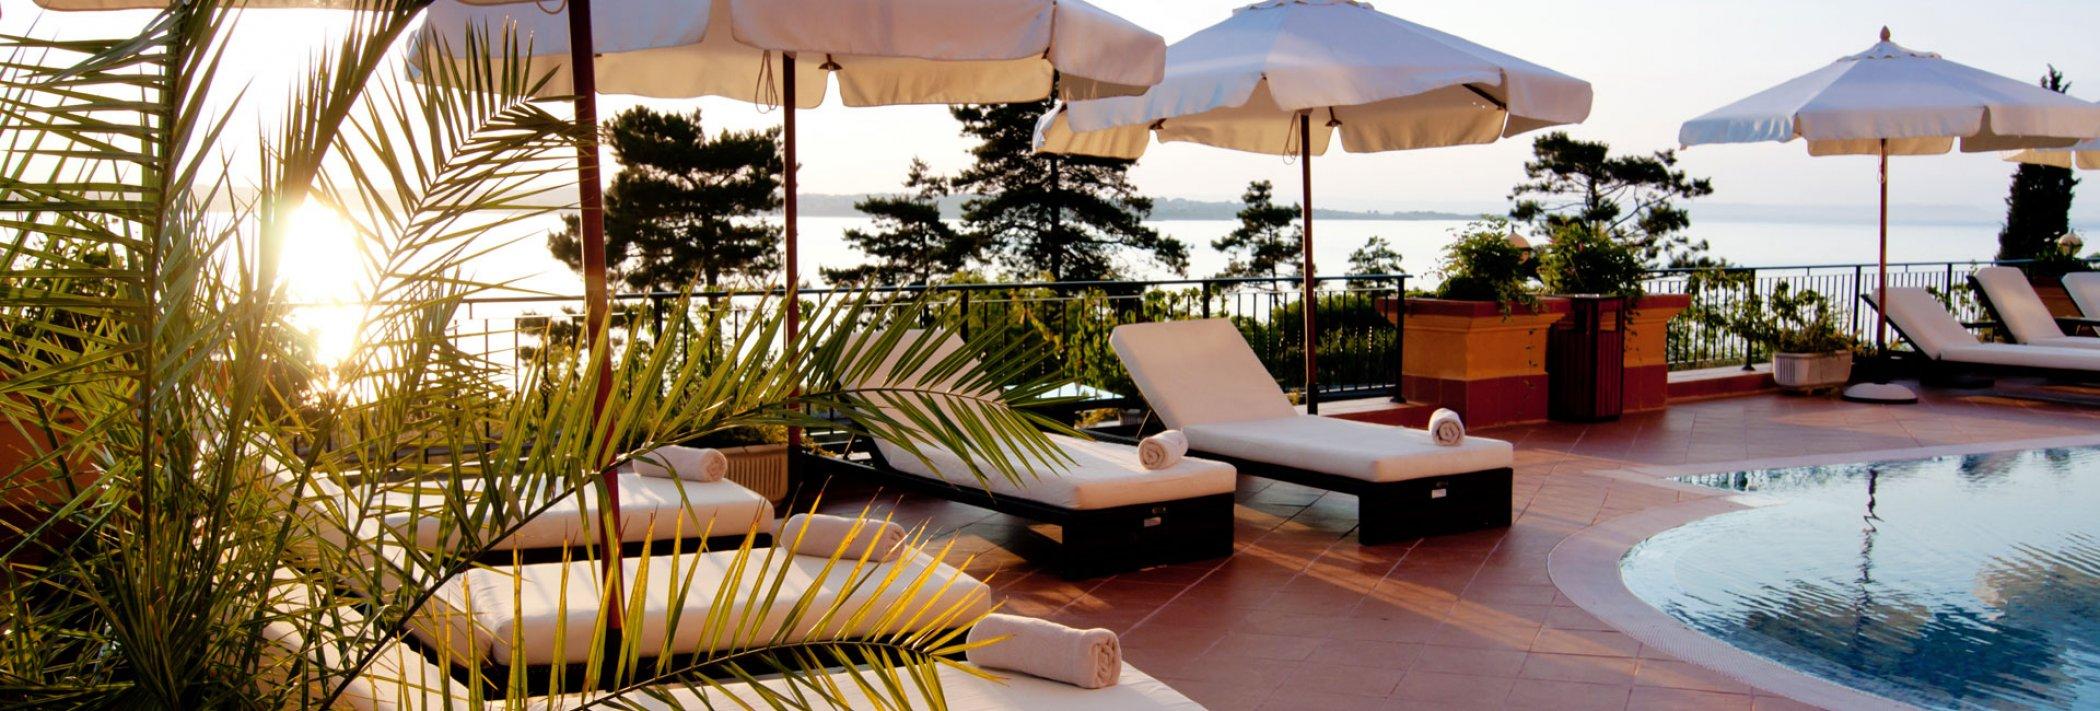 Boutique maui hotels for Best boutique hotels kauai